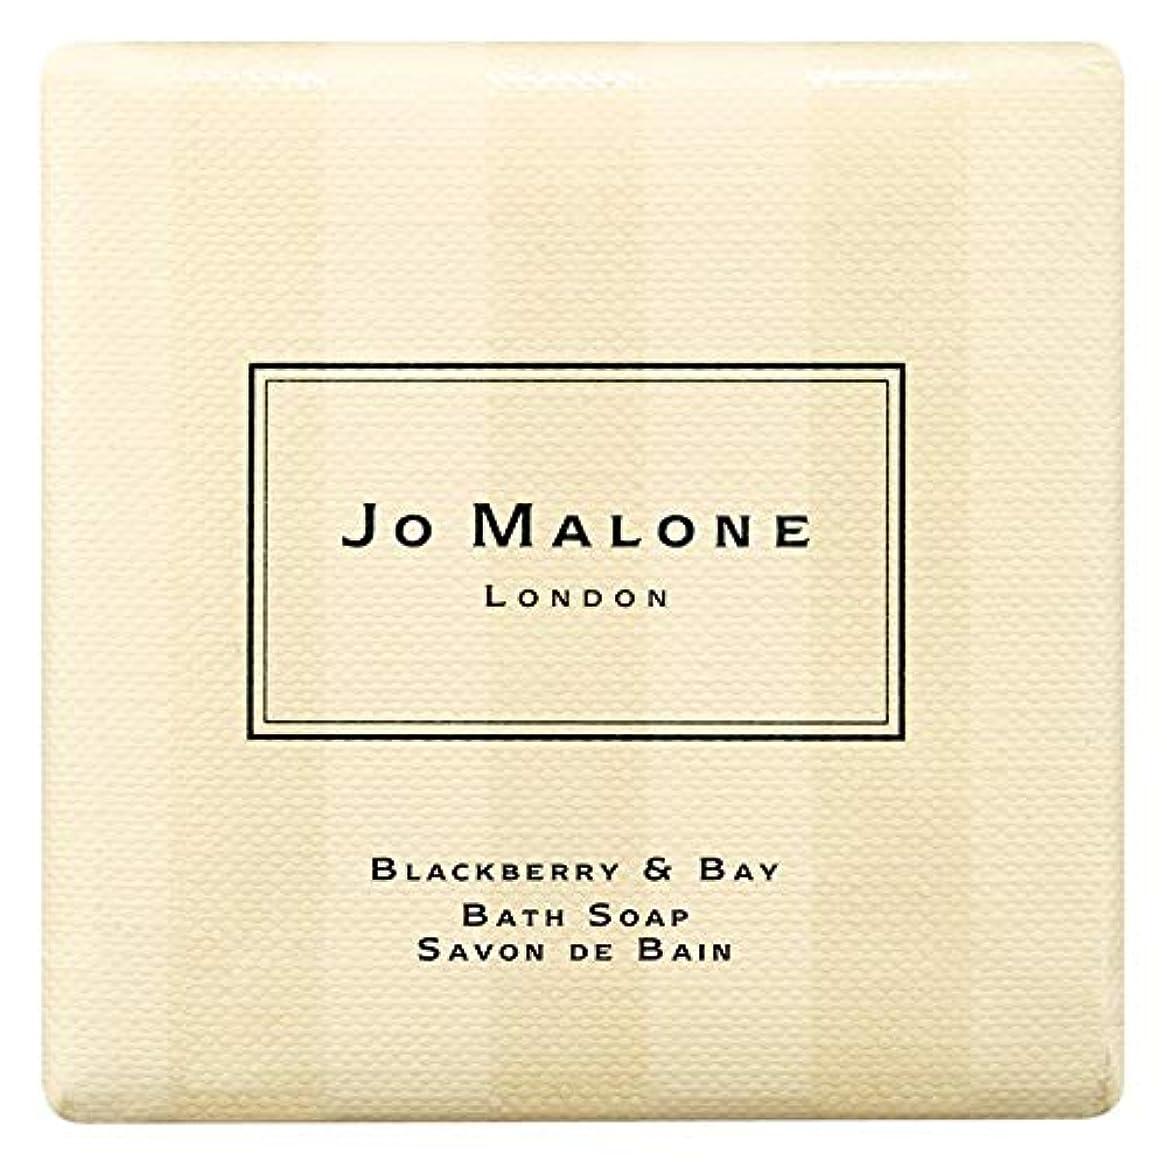 束プレゼント酸化する[Jo Malone] ジョーマローンロンドンブラックベリー&ベイ入浴石鹸100グラム - Jo Malone London Blackberry & Bay Bath Soap 100g [並行輸入品]